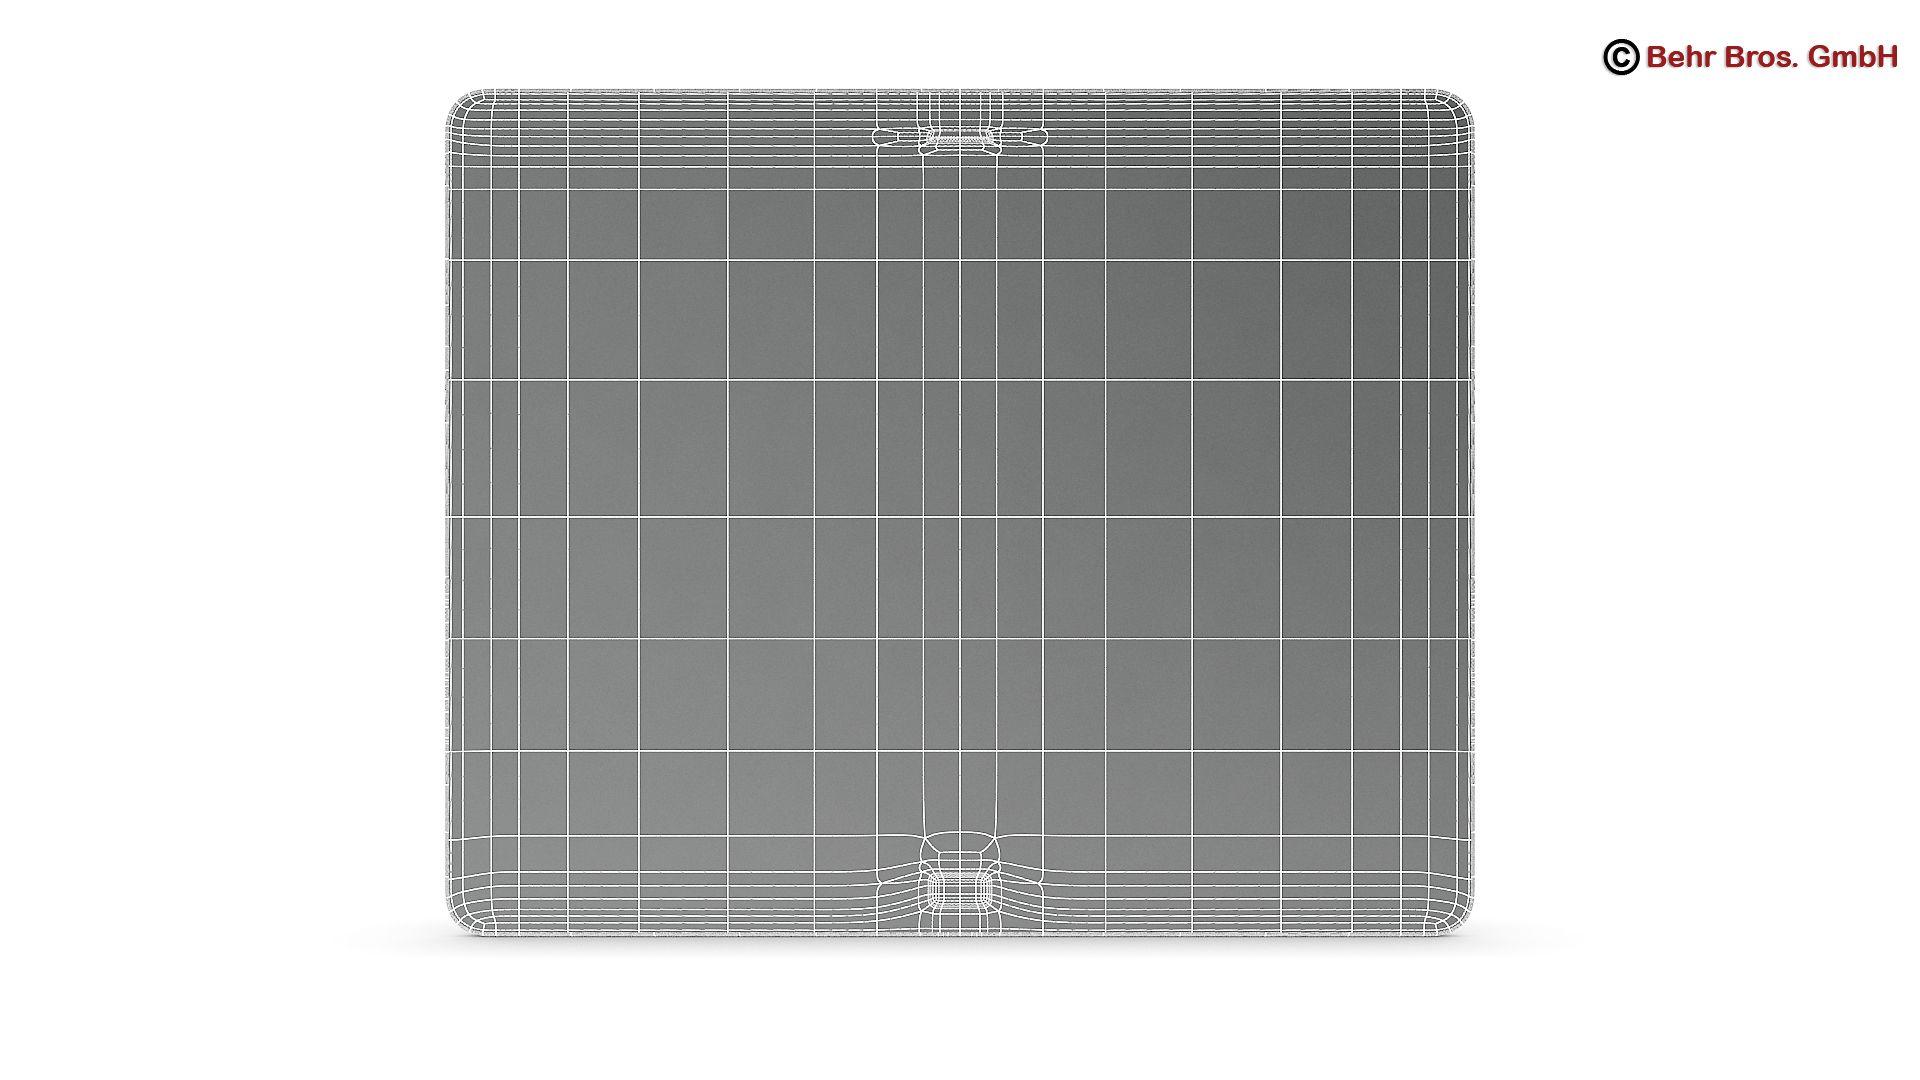 generic tablet 9.7 inch 3d model 3ds max fbx c4d lwo ma mb obj 162912